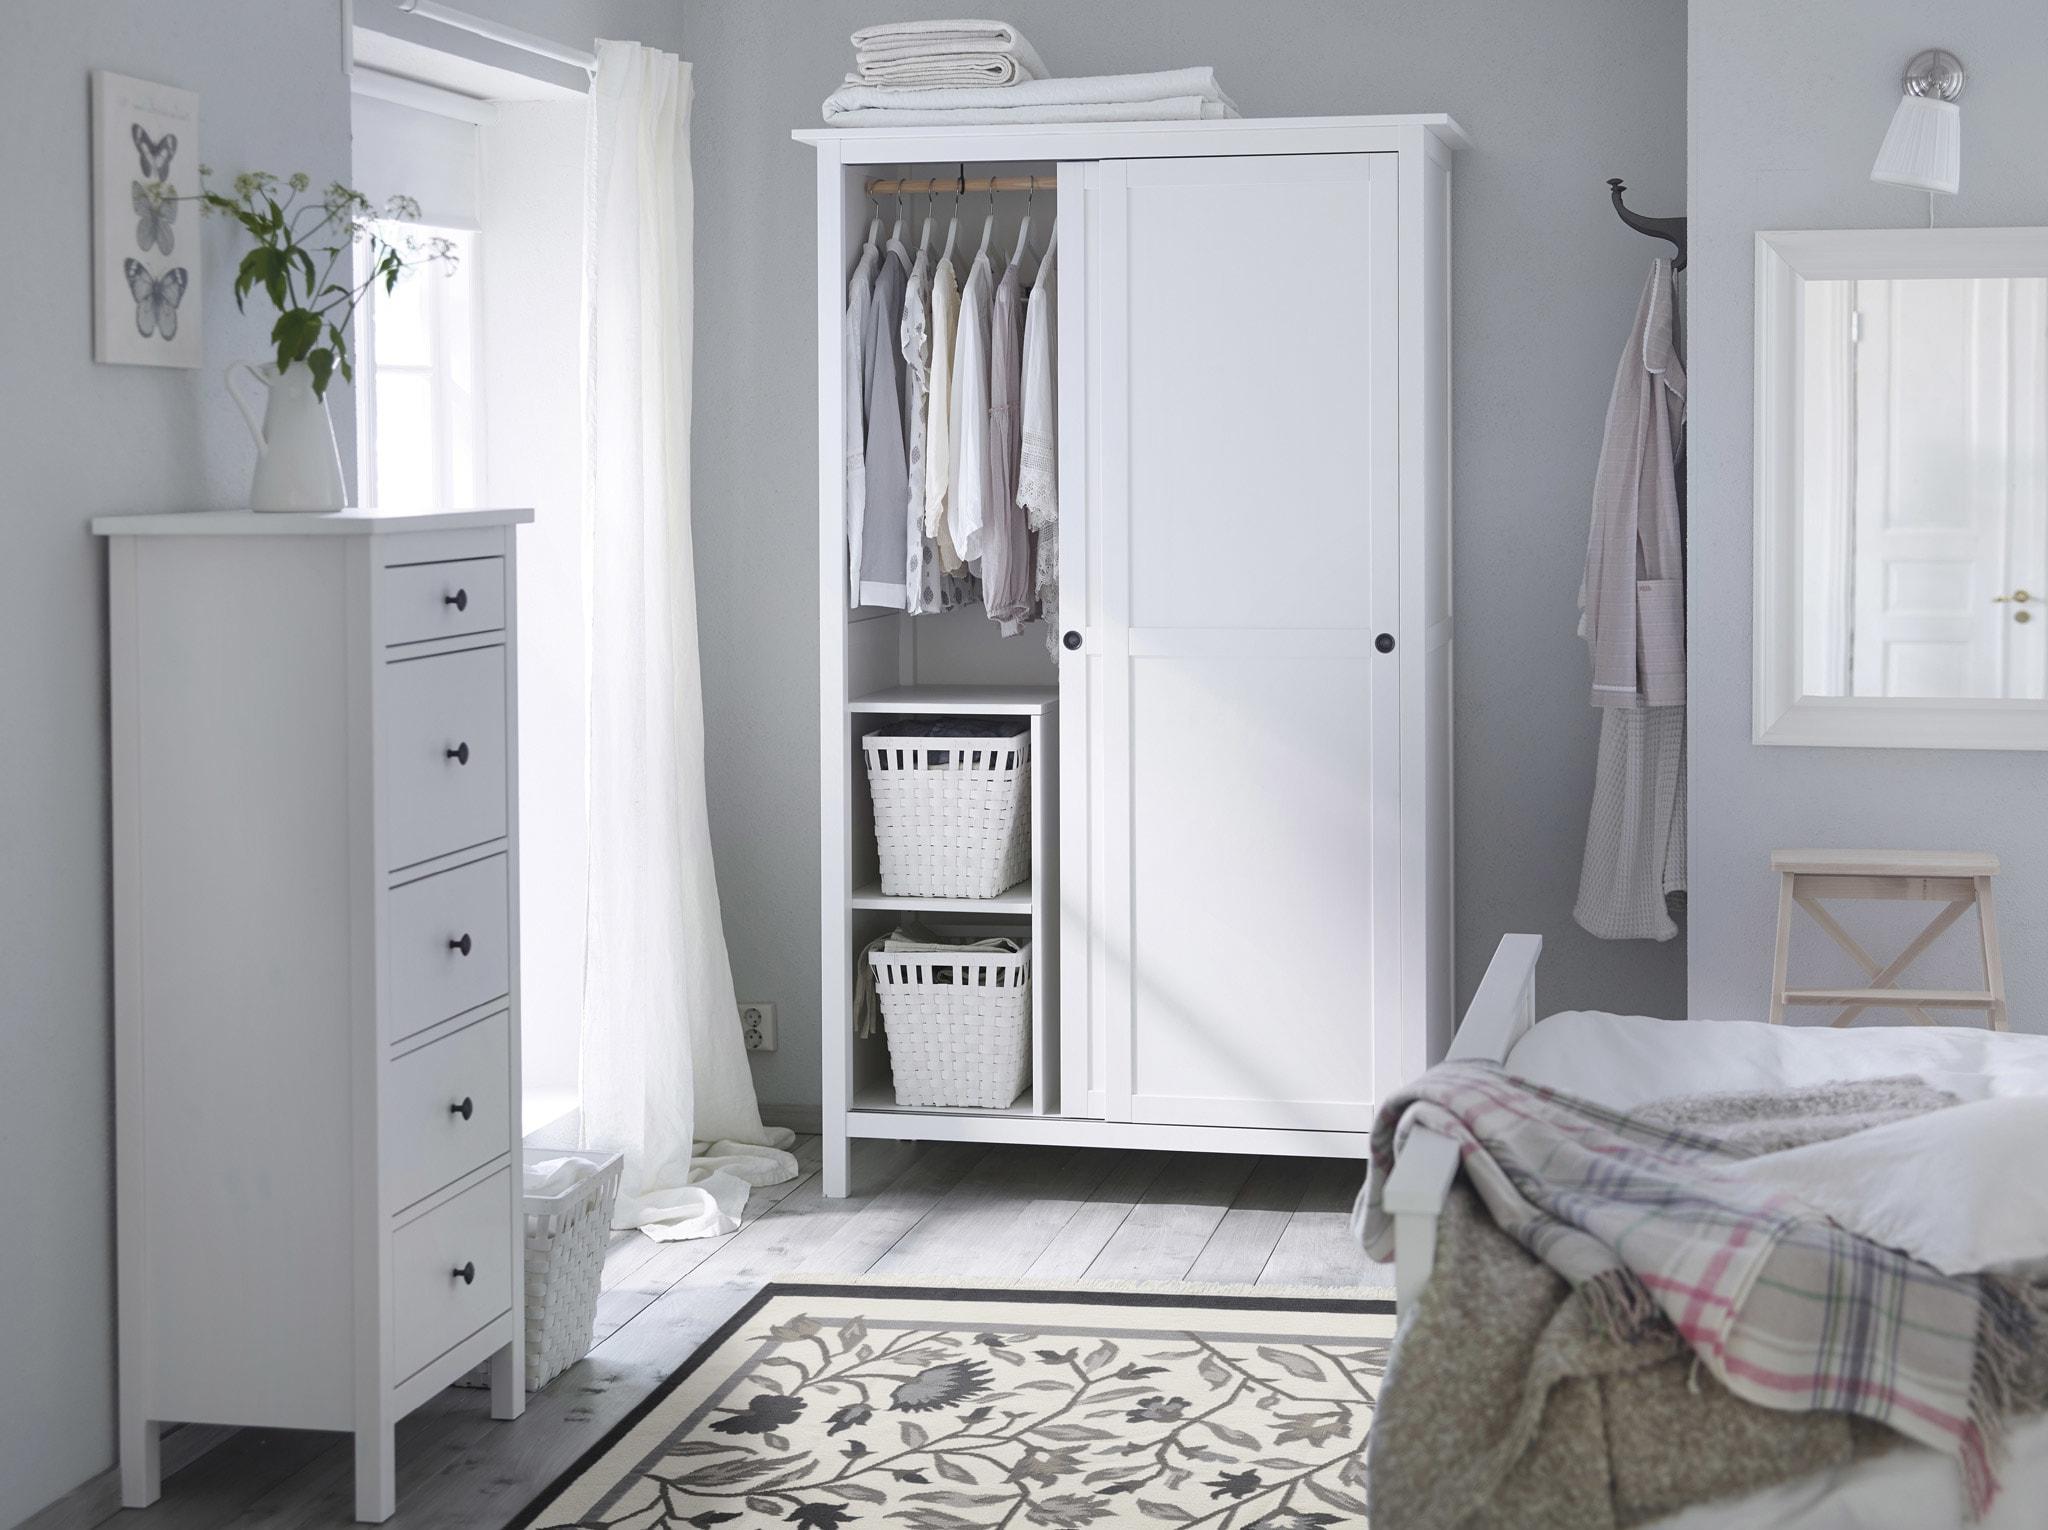 Ikea Muebles Habitacion Whdr Muebles De Dormitorio Pra Online Ikea